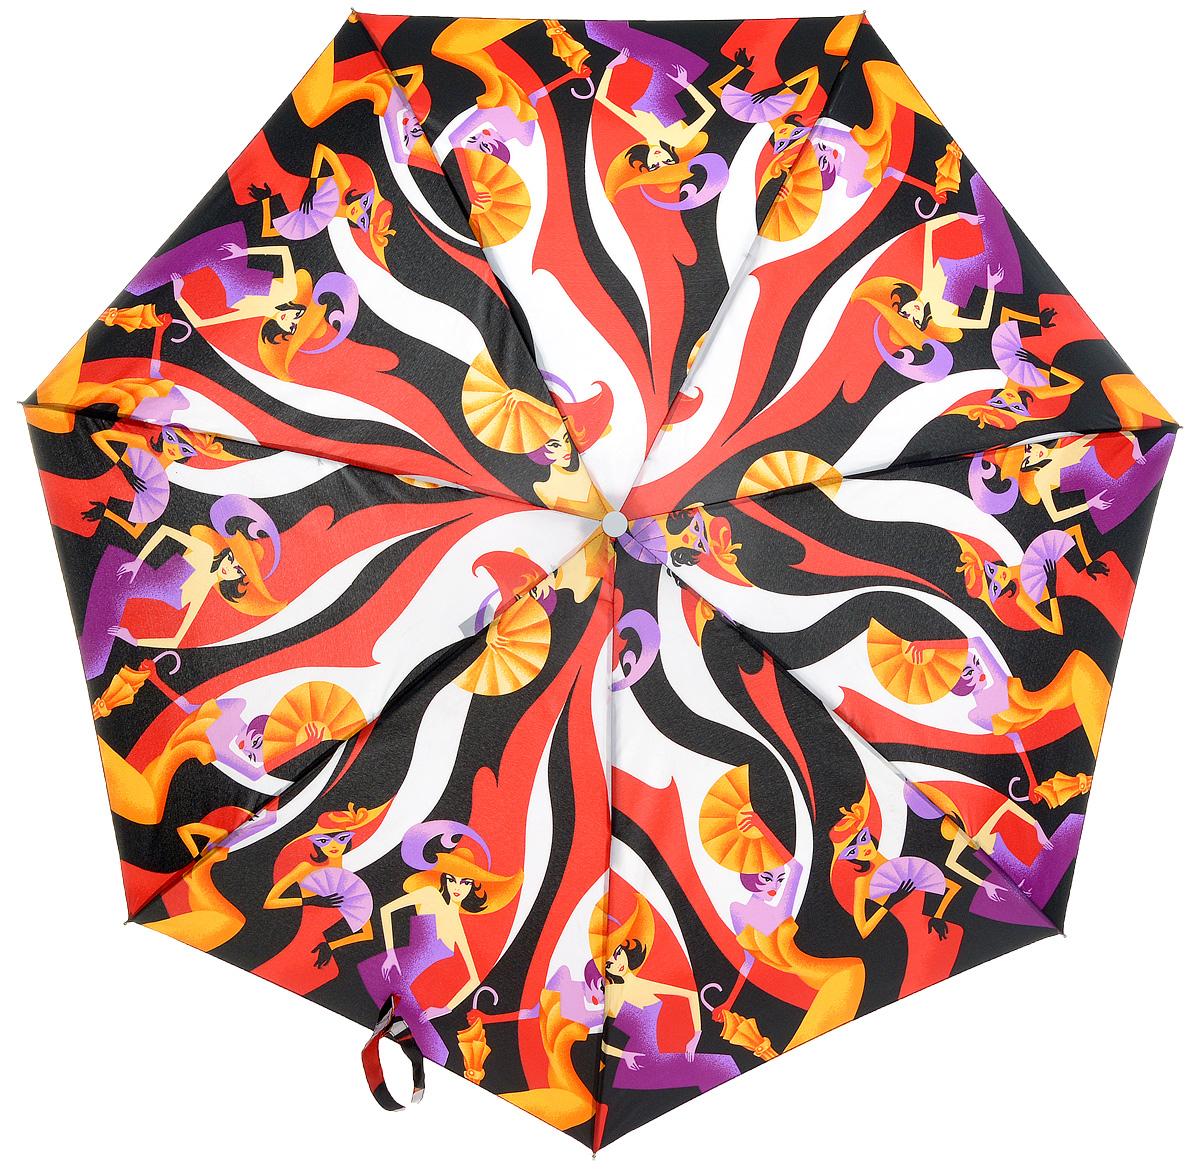 Зонт женский Labbra, механика, 5 сложений, цвет: мультиколор. M5-05-001M5-05-001Яркий зонт Labbra не оставит вас незамеченной. Зонт оформлен изображением в виде танцующих женщин. Стержень изделия изготовлен из алюминия. Зонт состоит из семи спиц, изготовленных из фибергласса и алюминия, дополнен ручкой из пластика. Купол выполнен из качественного полиэстера, который не пропускает воду. Зонт имеет механический способ сложения: и купол, и стержень открываются вручную до характерного щелчка. Ручка дополнена петлей, благодаря которой зонт можно носить на запястье. К зонту прилагается чехол. Практичный аксессуар даже в ненастную погоду позволит вам оставаться стильной и элегантной.